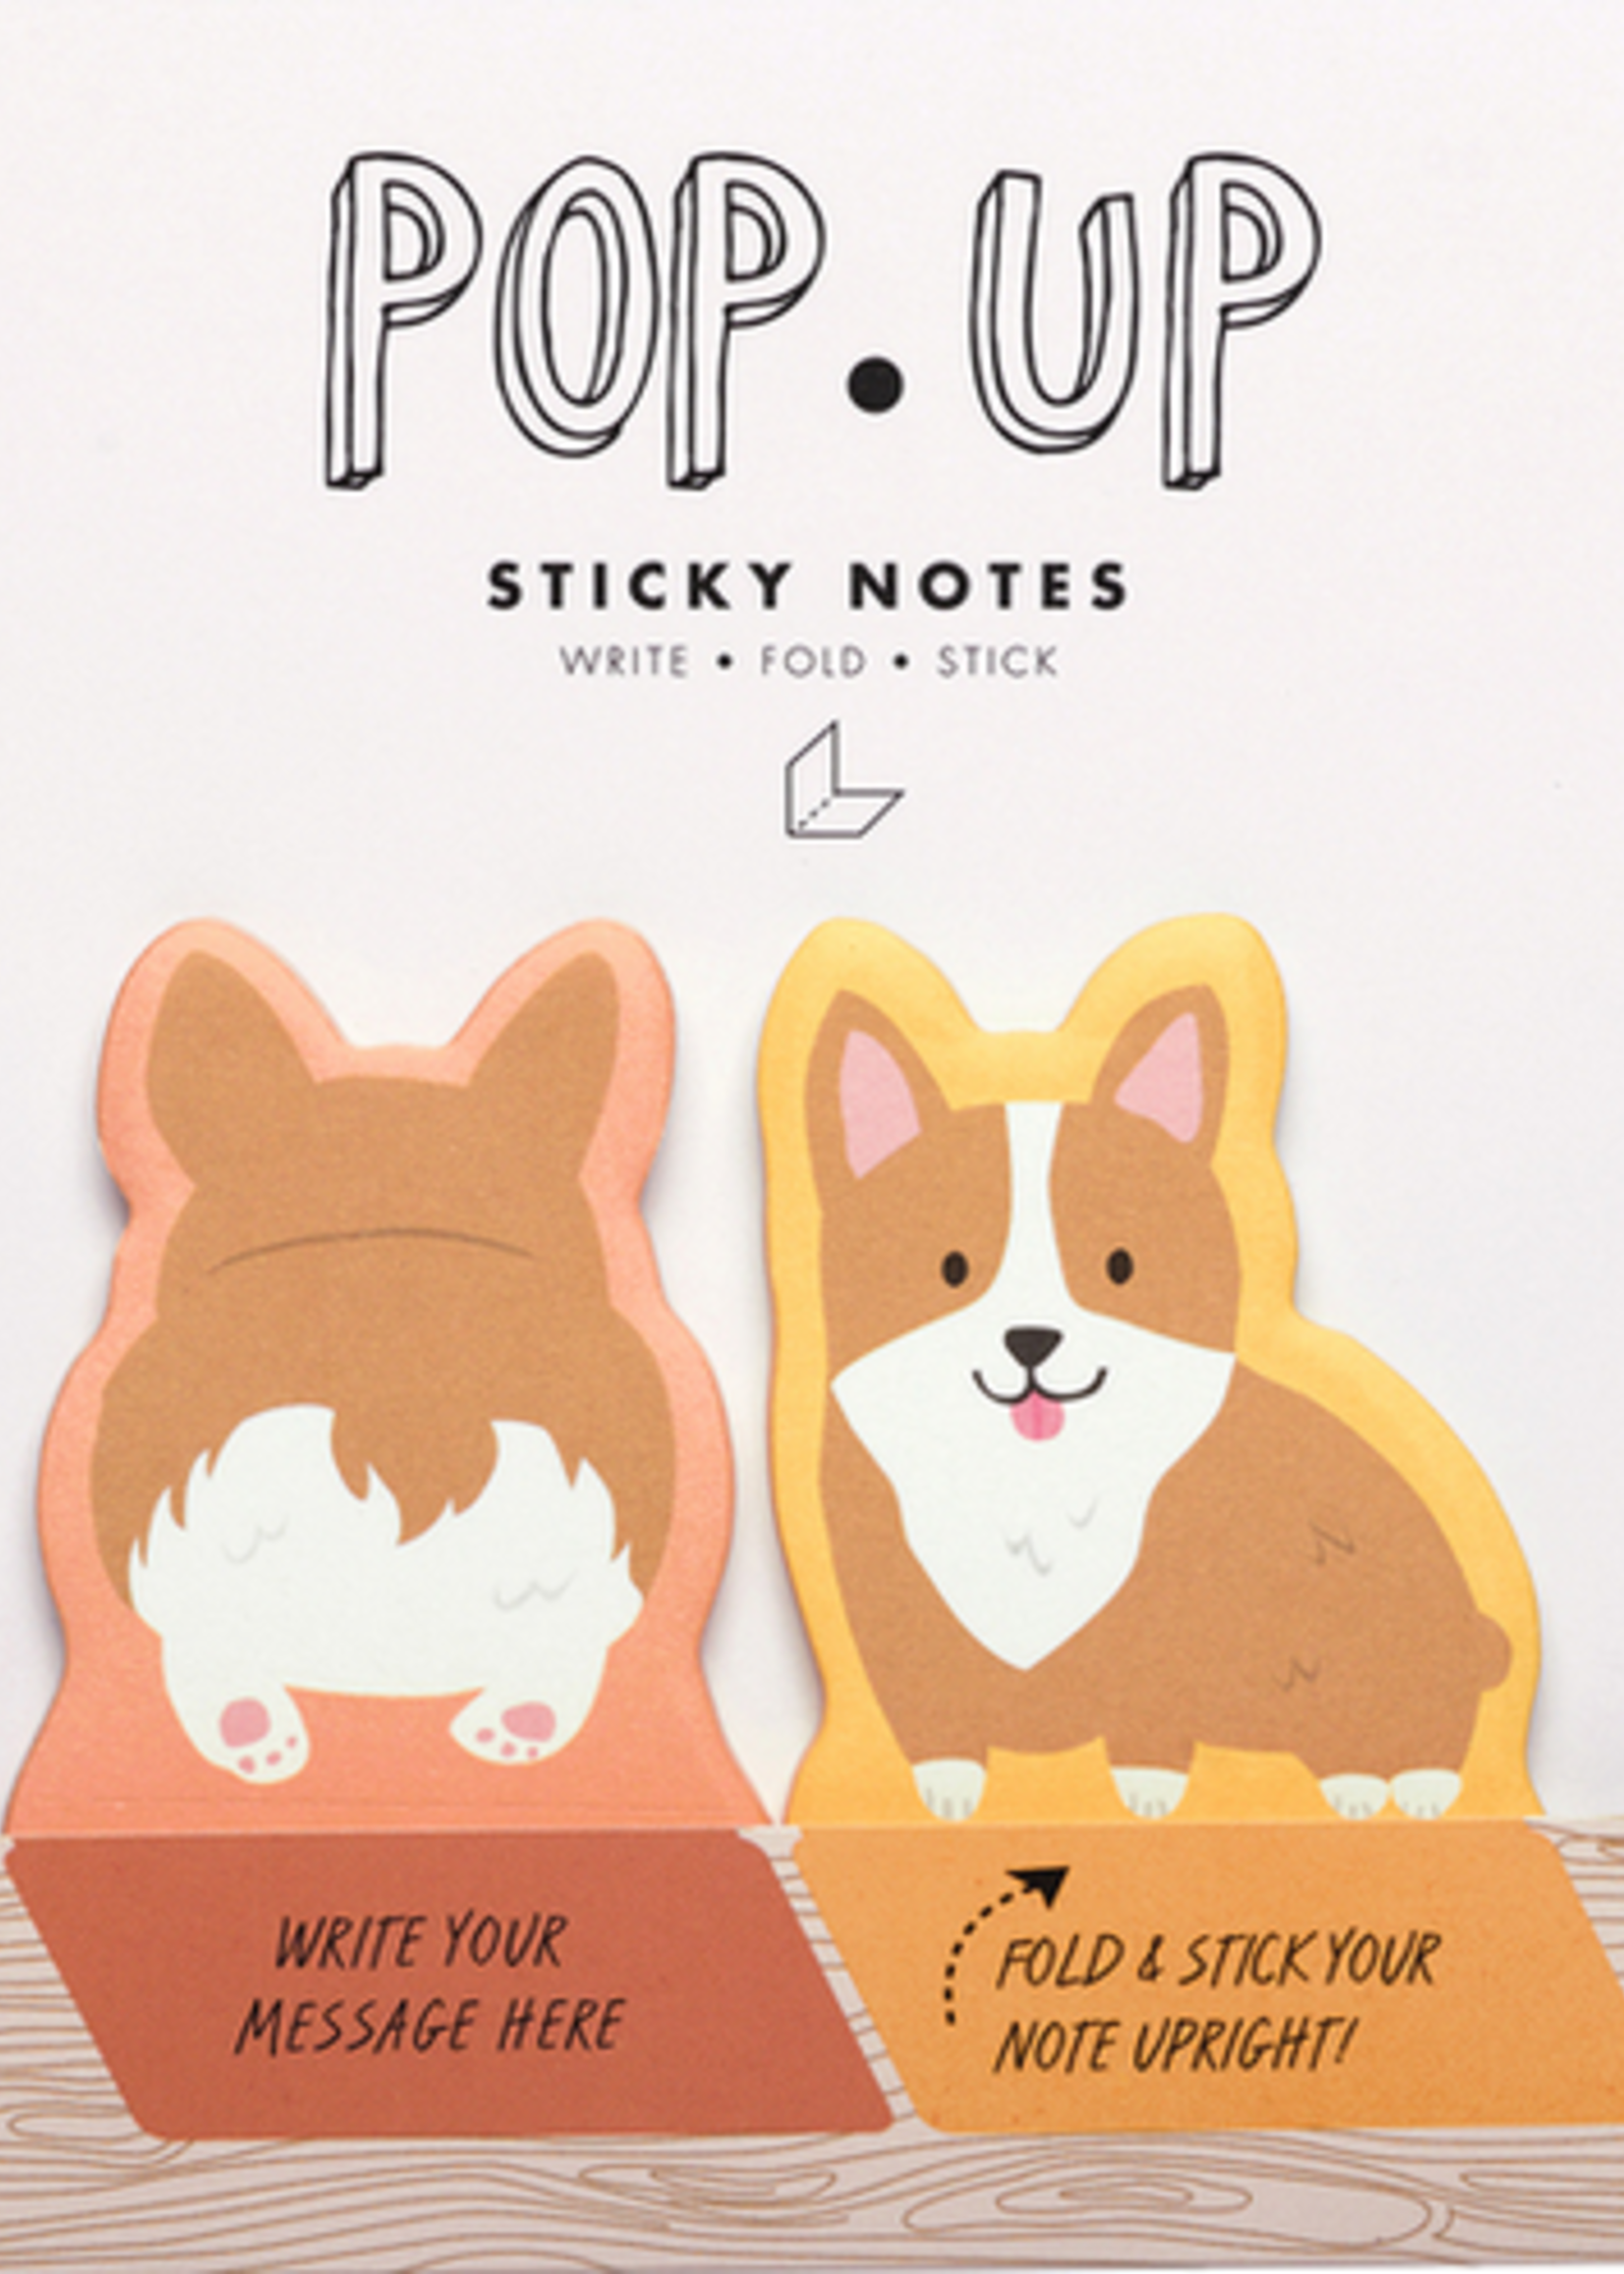 DOGS POP UP STICKY NOTE